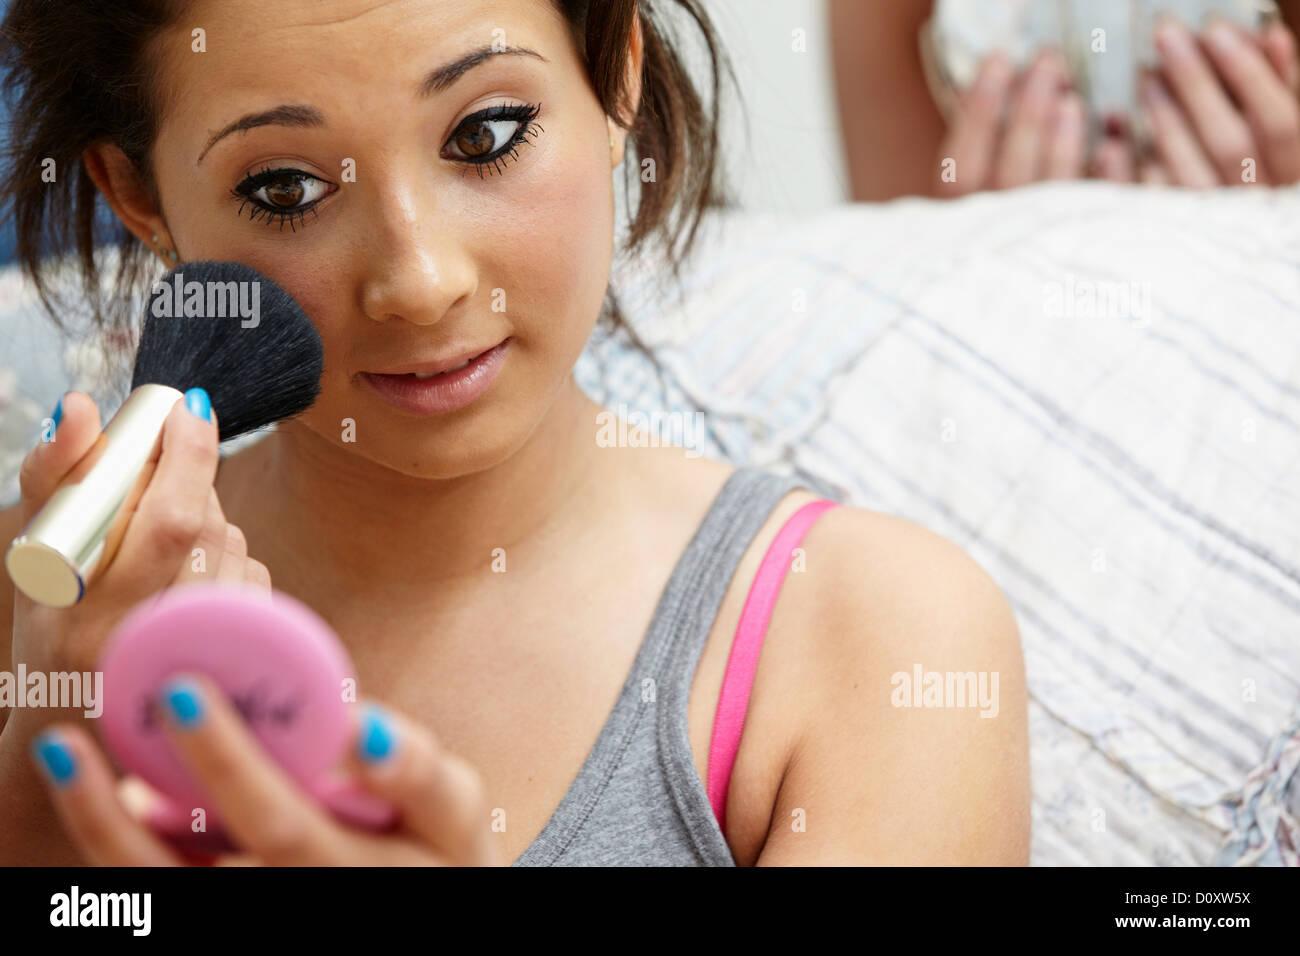 Teenage girl applying makeup - Stock Image